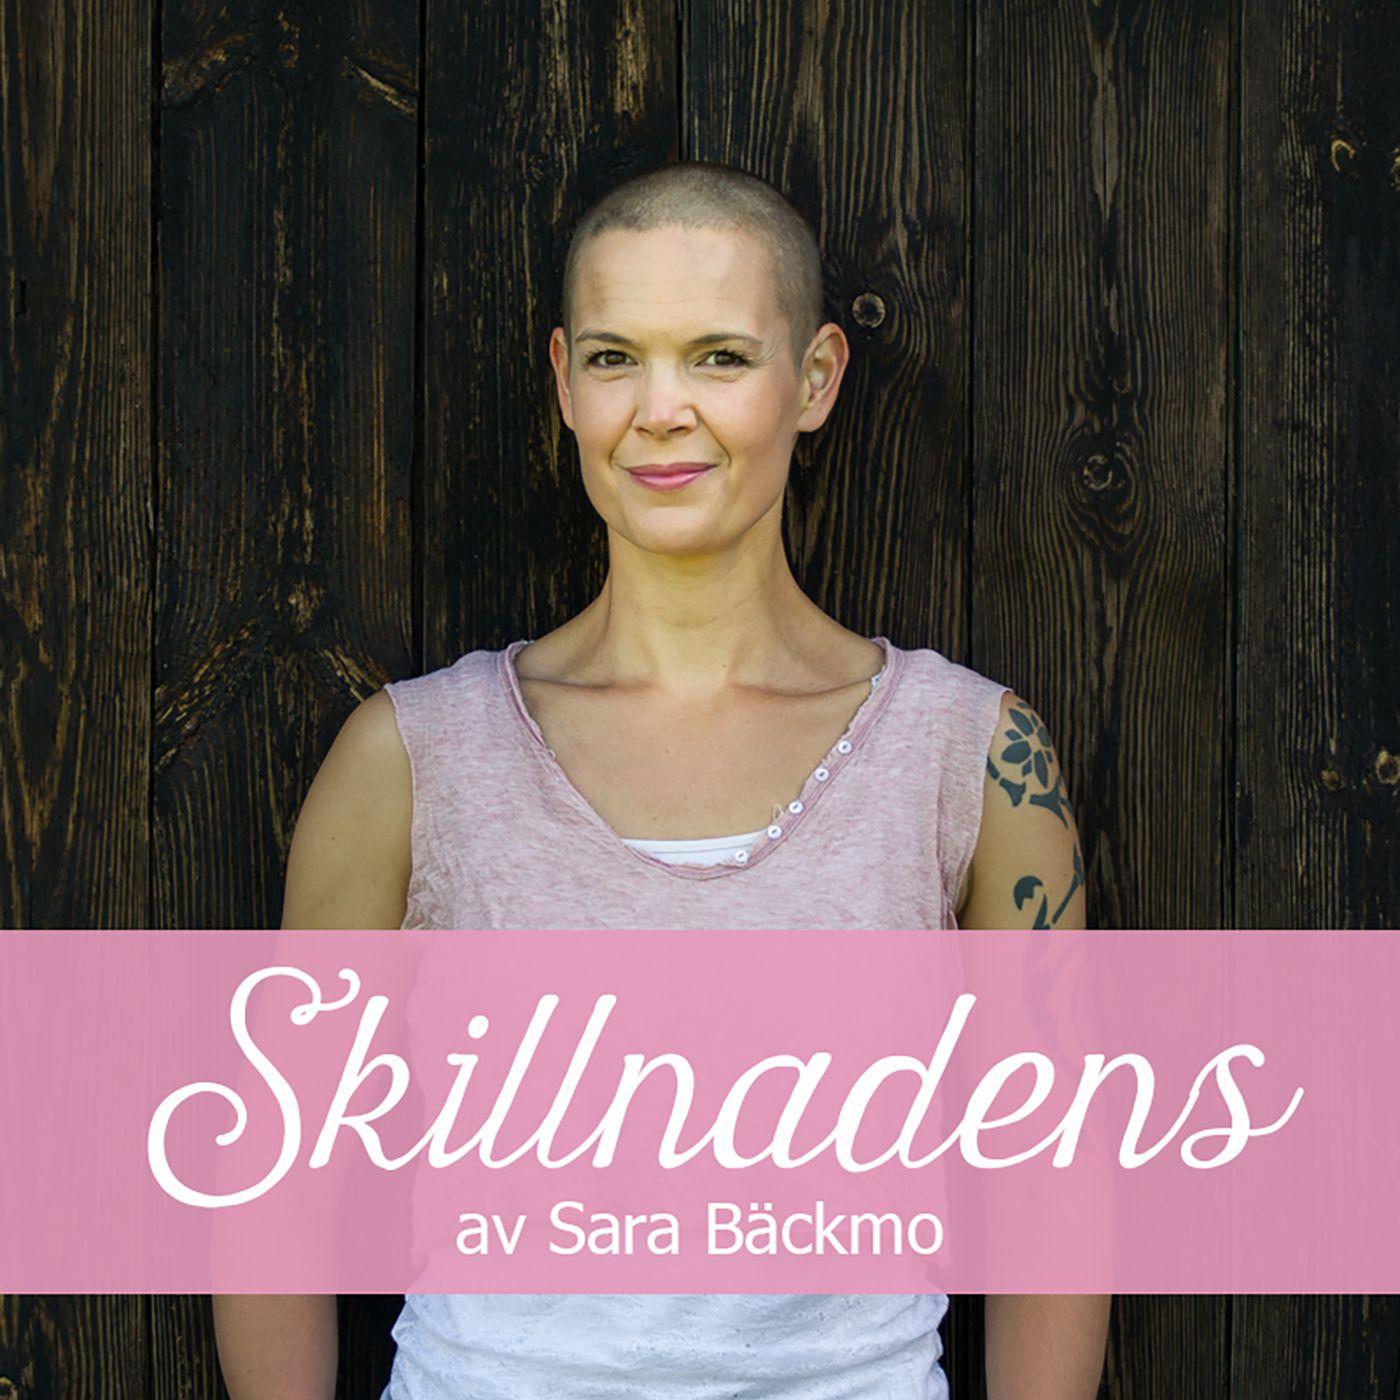 Skillnadens av Sara Bäckmo show art